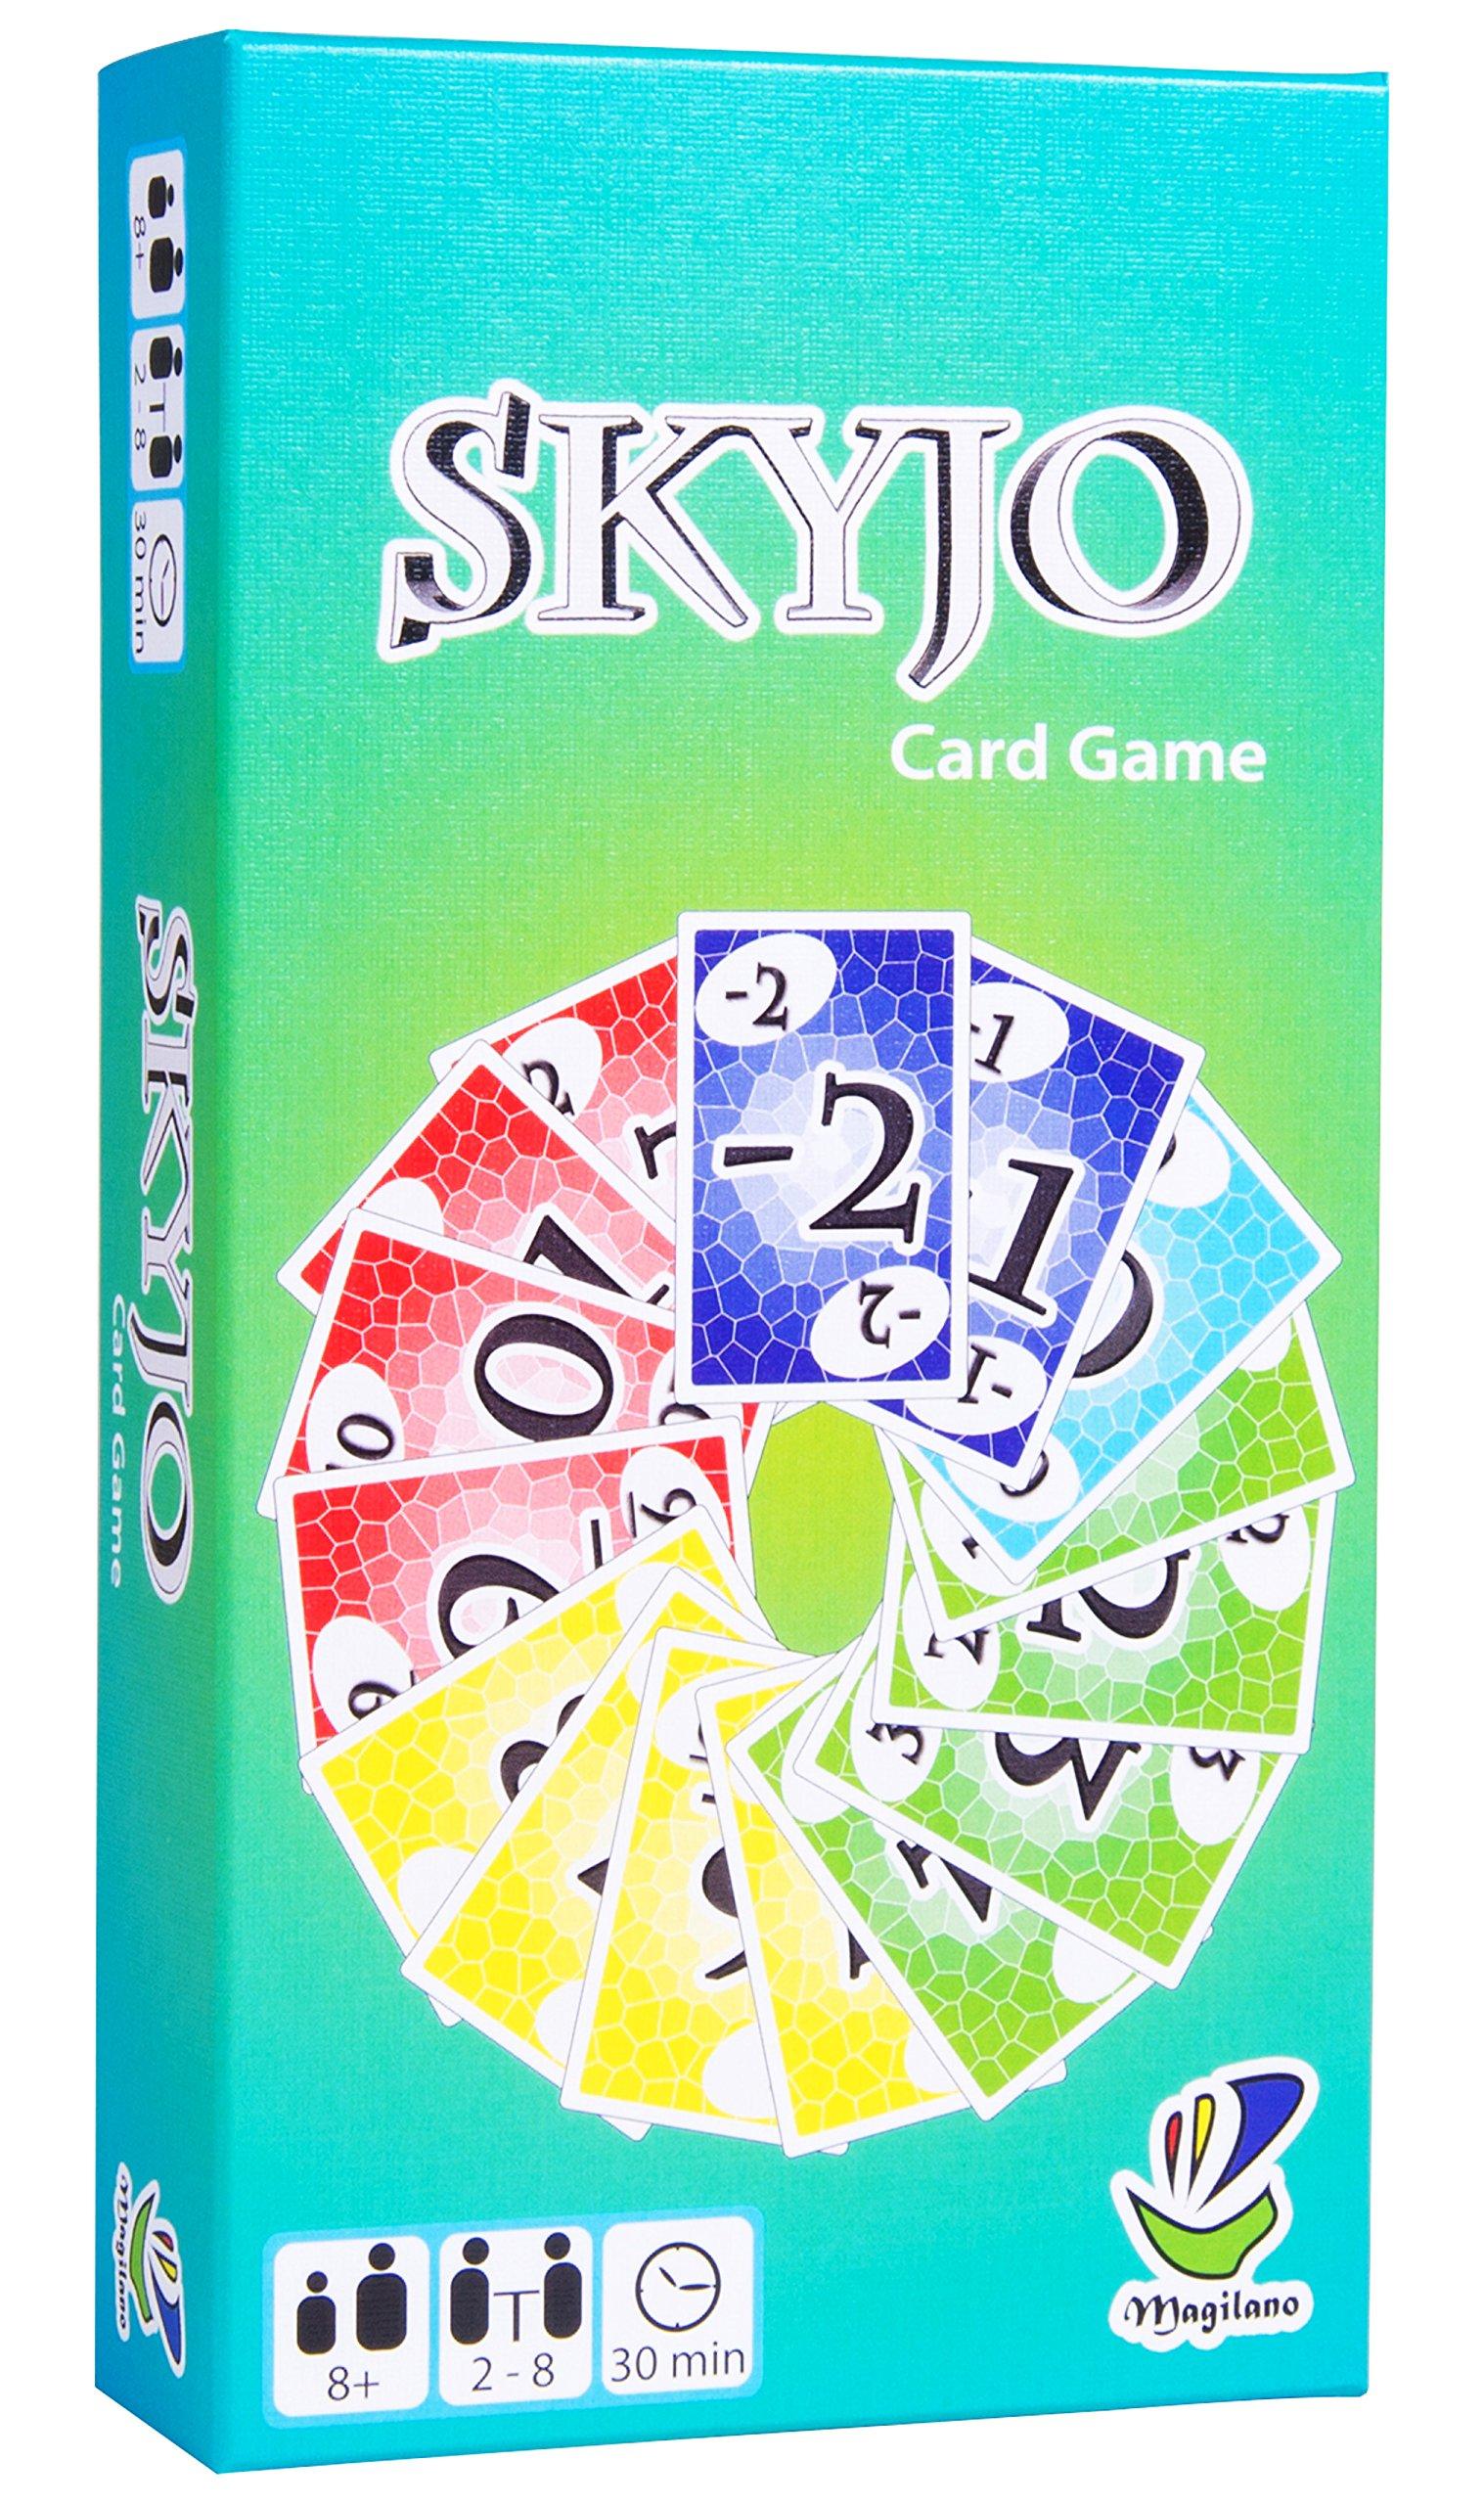 SKYJO, von Magilano - Das unterhaltsame Kartenspiel für Jung und Alt. Das ideale Geschenk für spaßige und amüsante…